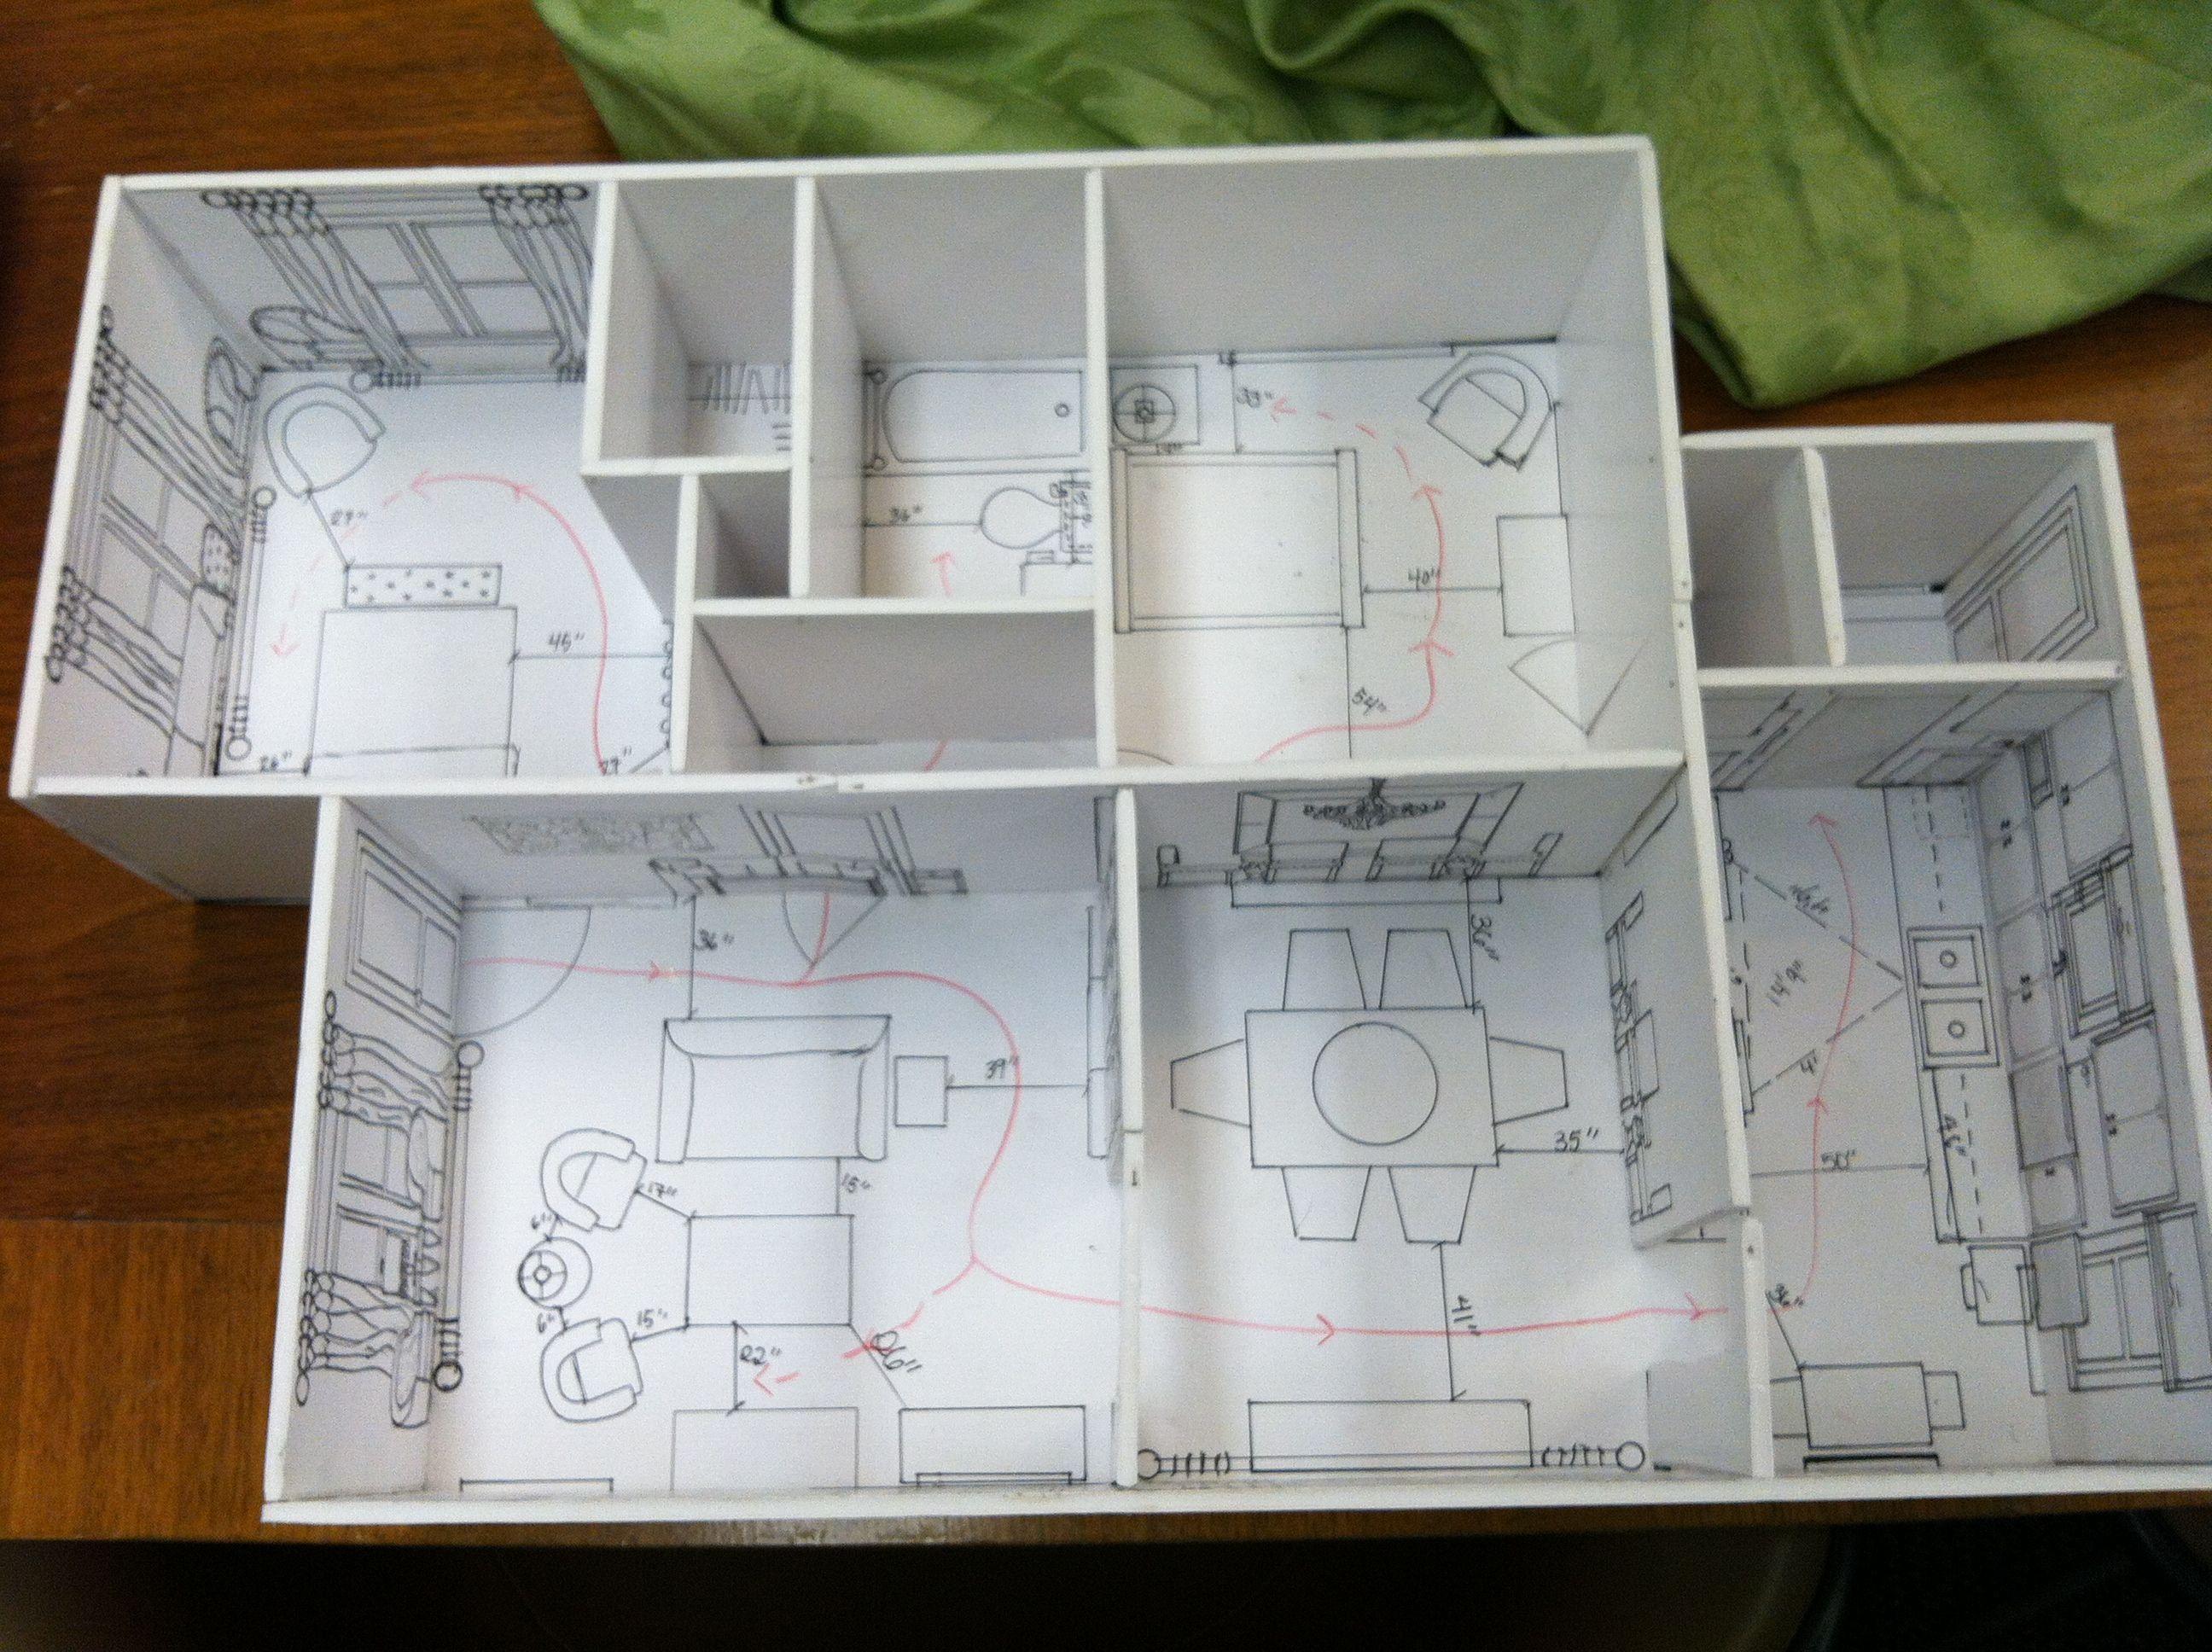 Space Planning Model Interior Design Presentation Interior Design Drawings Interior Design Art